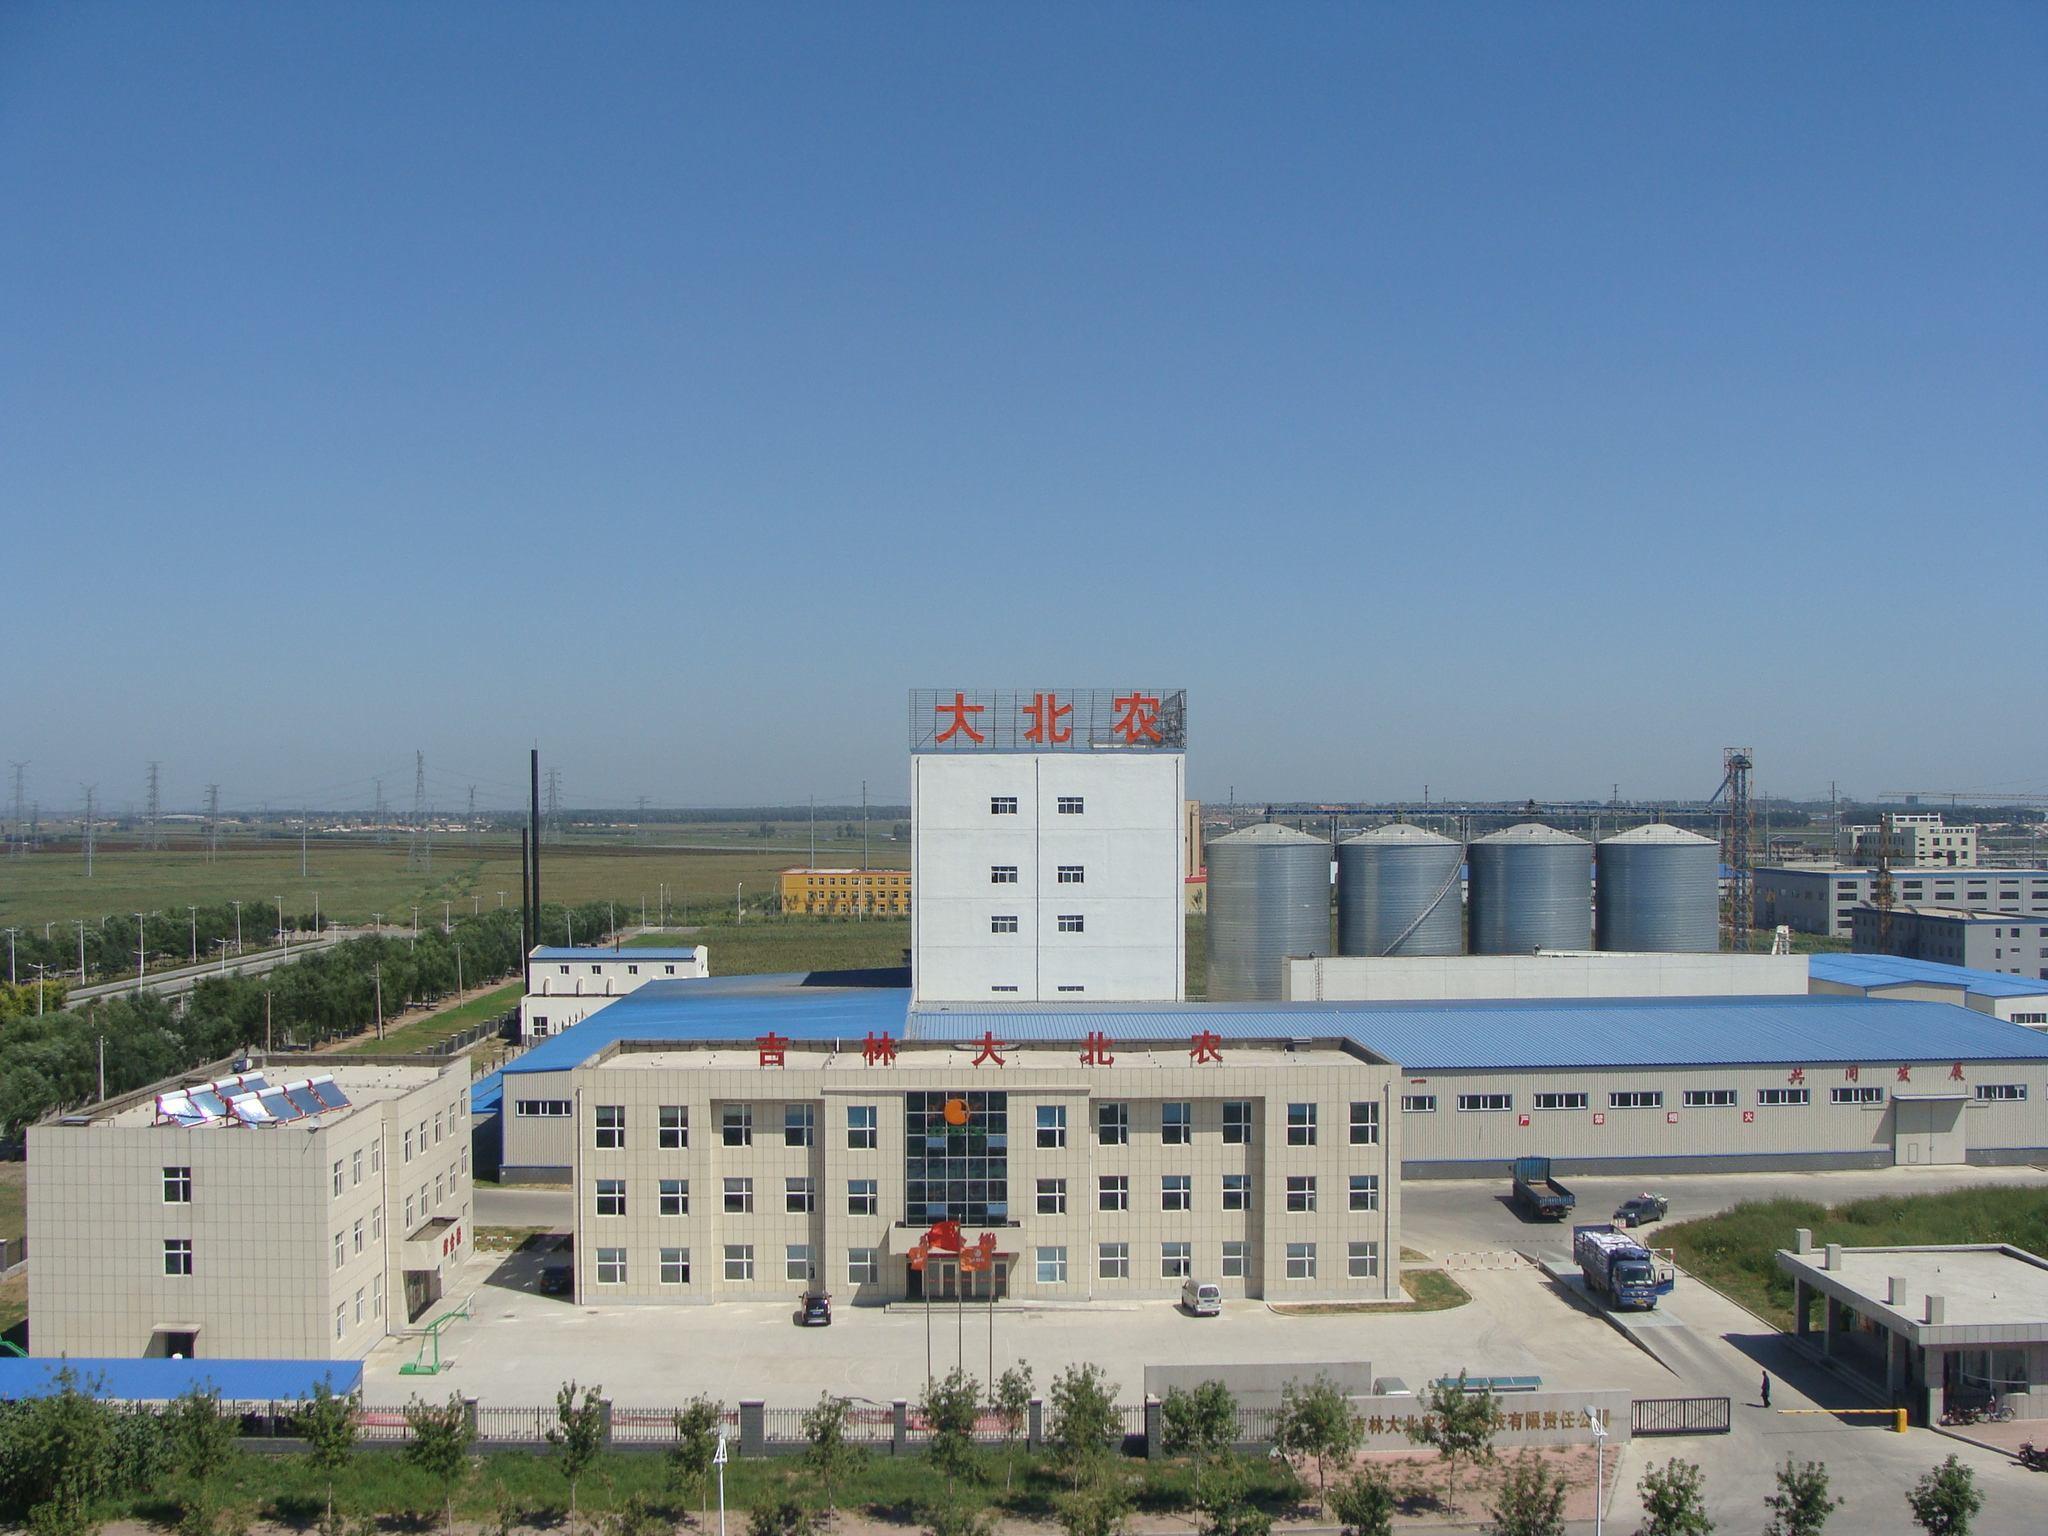 大北农加码养猪业务,或持续增持武汉绿色巨农股份